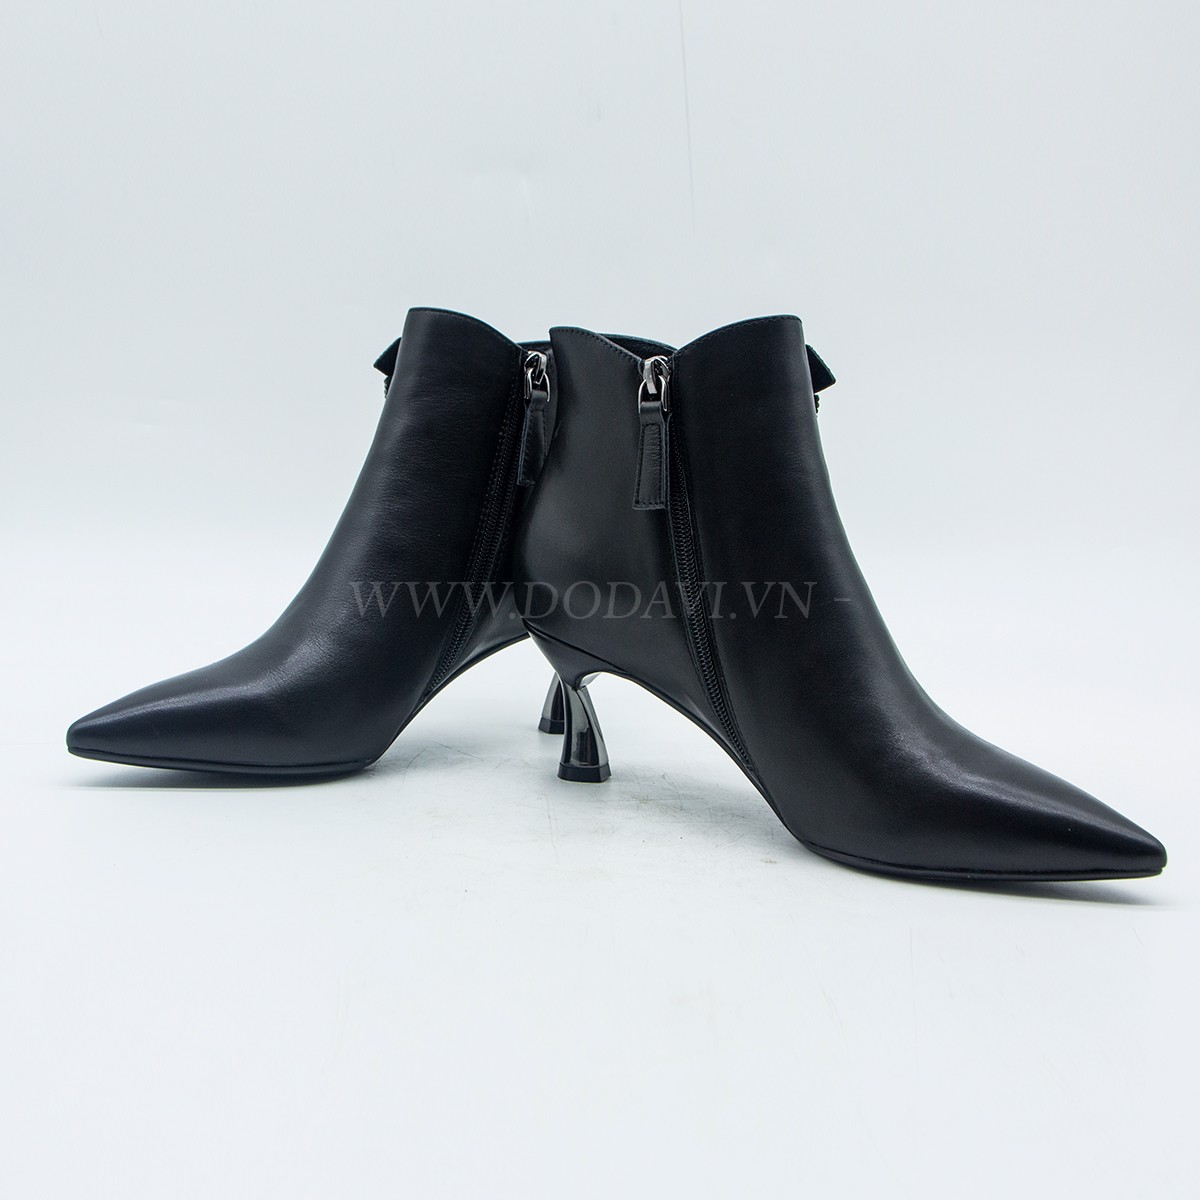 Boot da nữ cổ thấp